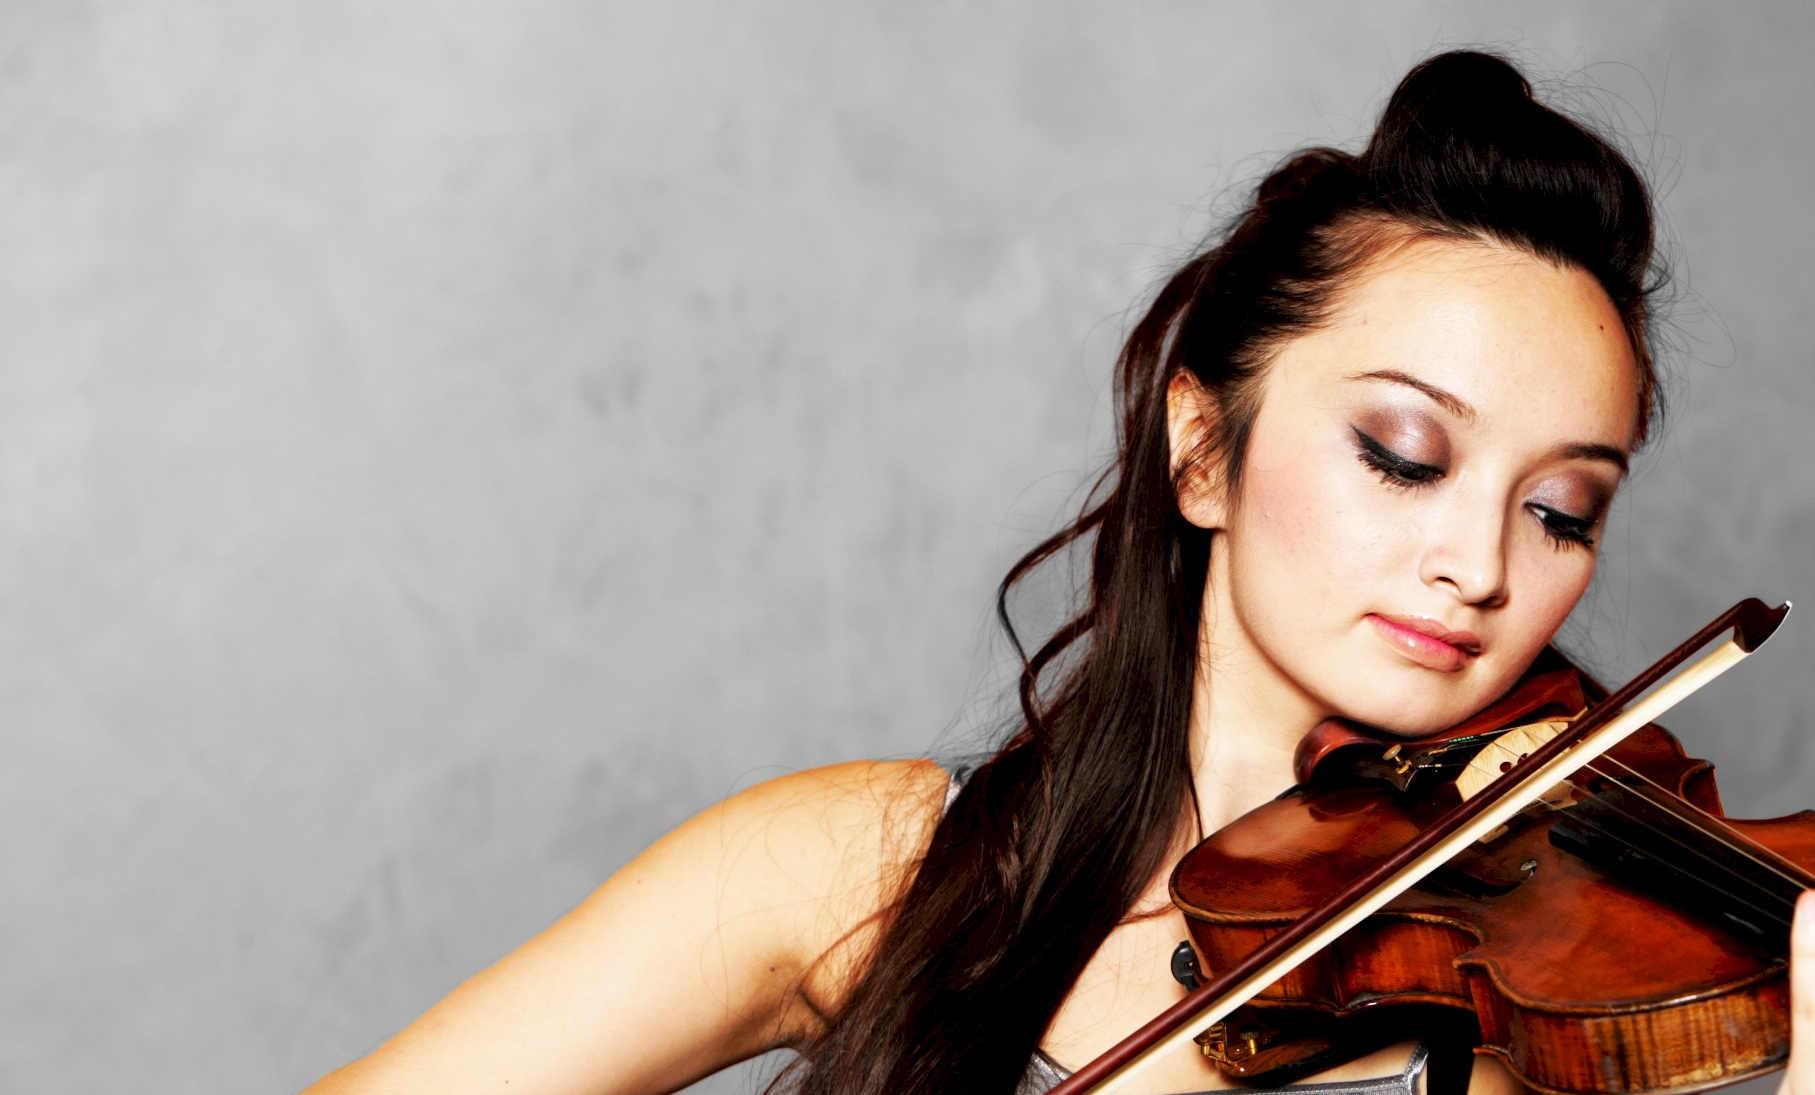 Geigenspielerin vom Beruf zur Berufung Talente ausleben